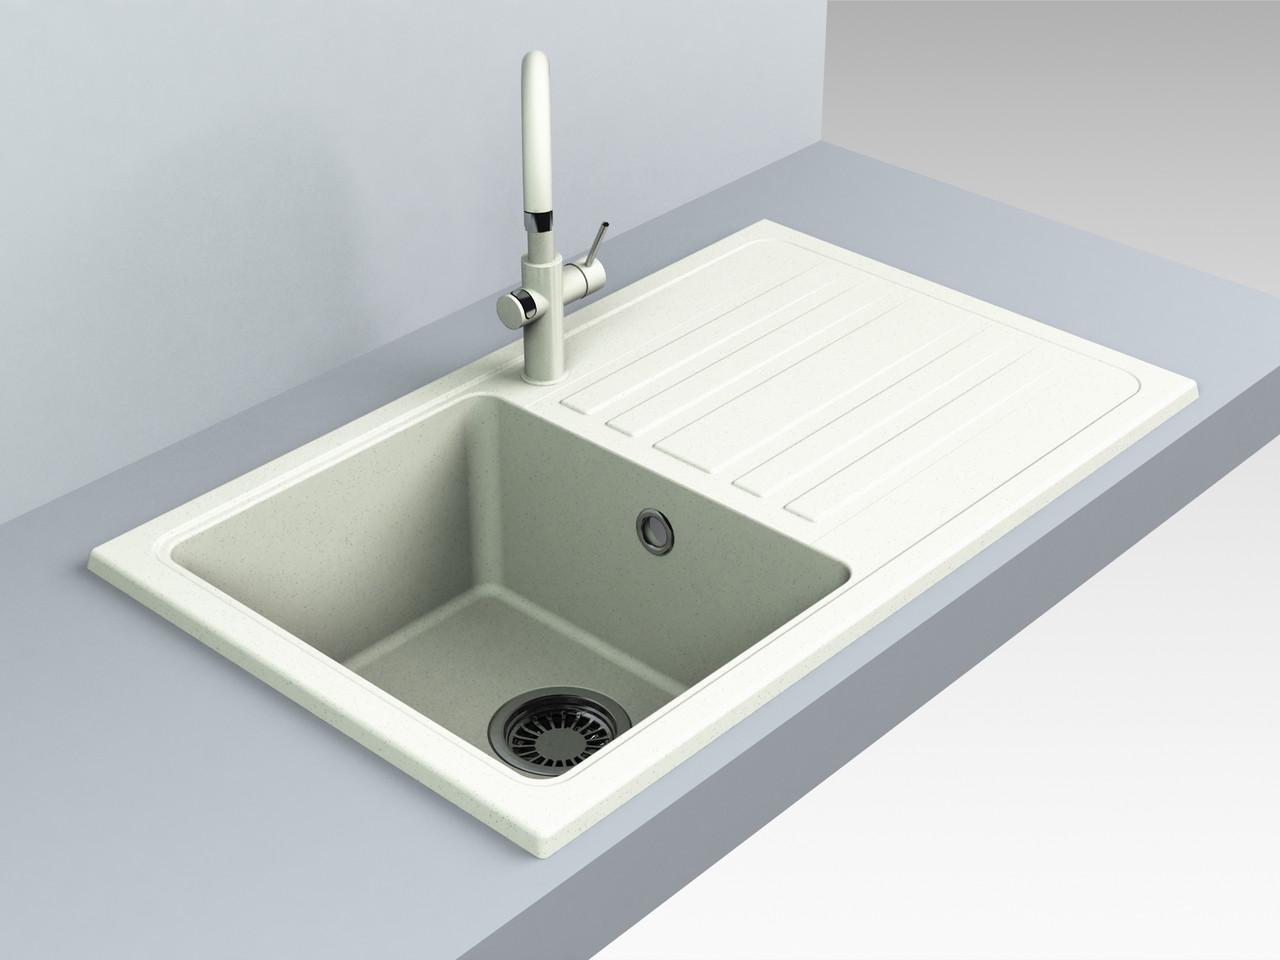 Кухонная мойка из искусственного камня 75*39*20 см Miraggio VERSAL жасмин